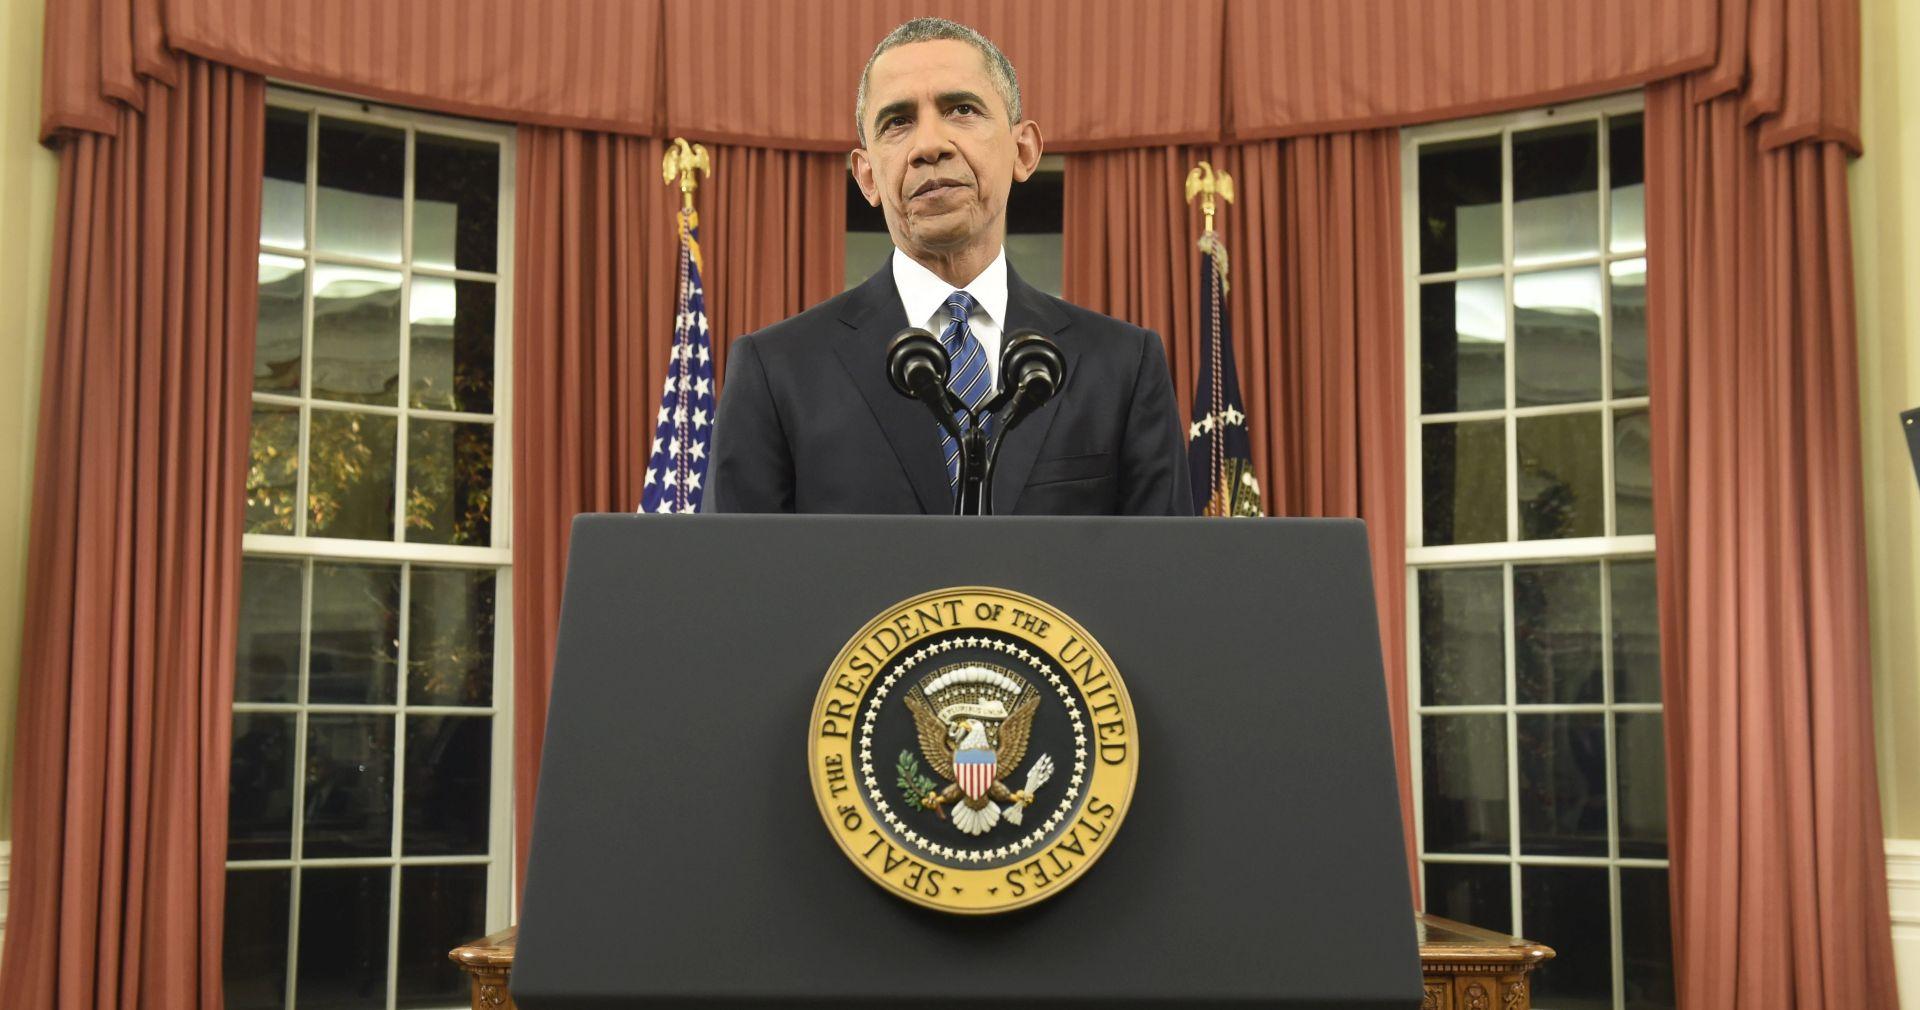 Obama iz Ovalnog ureda: Sjedinjene Države će prevladati novi teror prijetnji